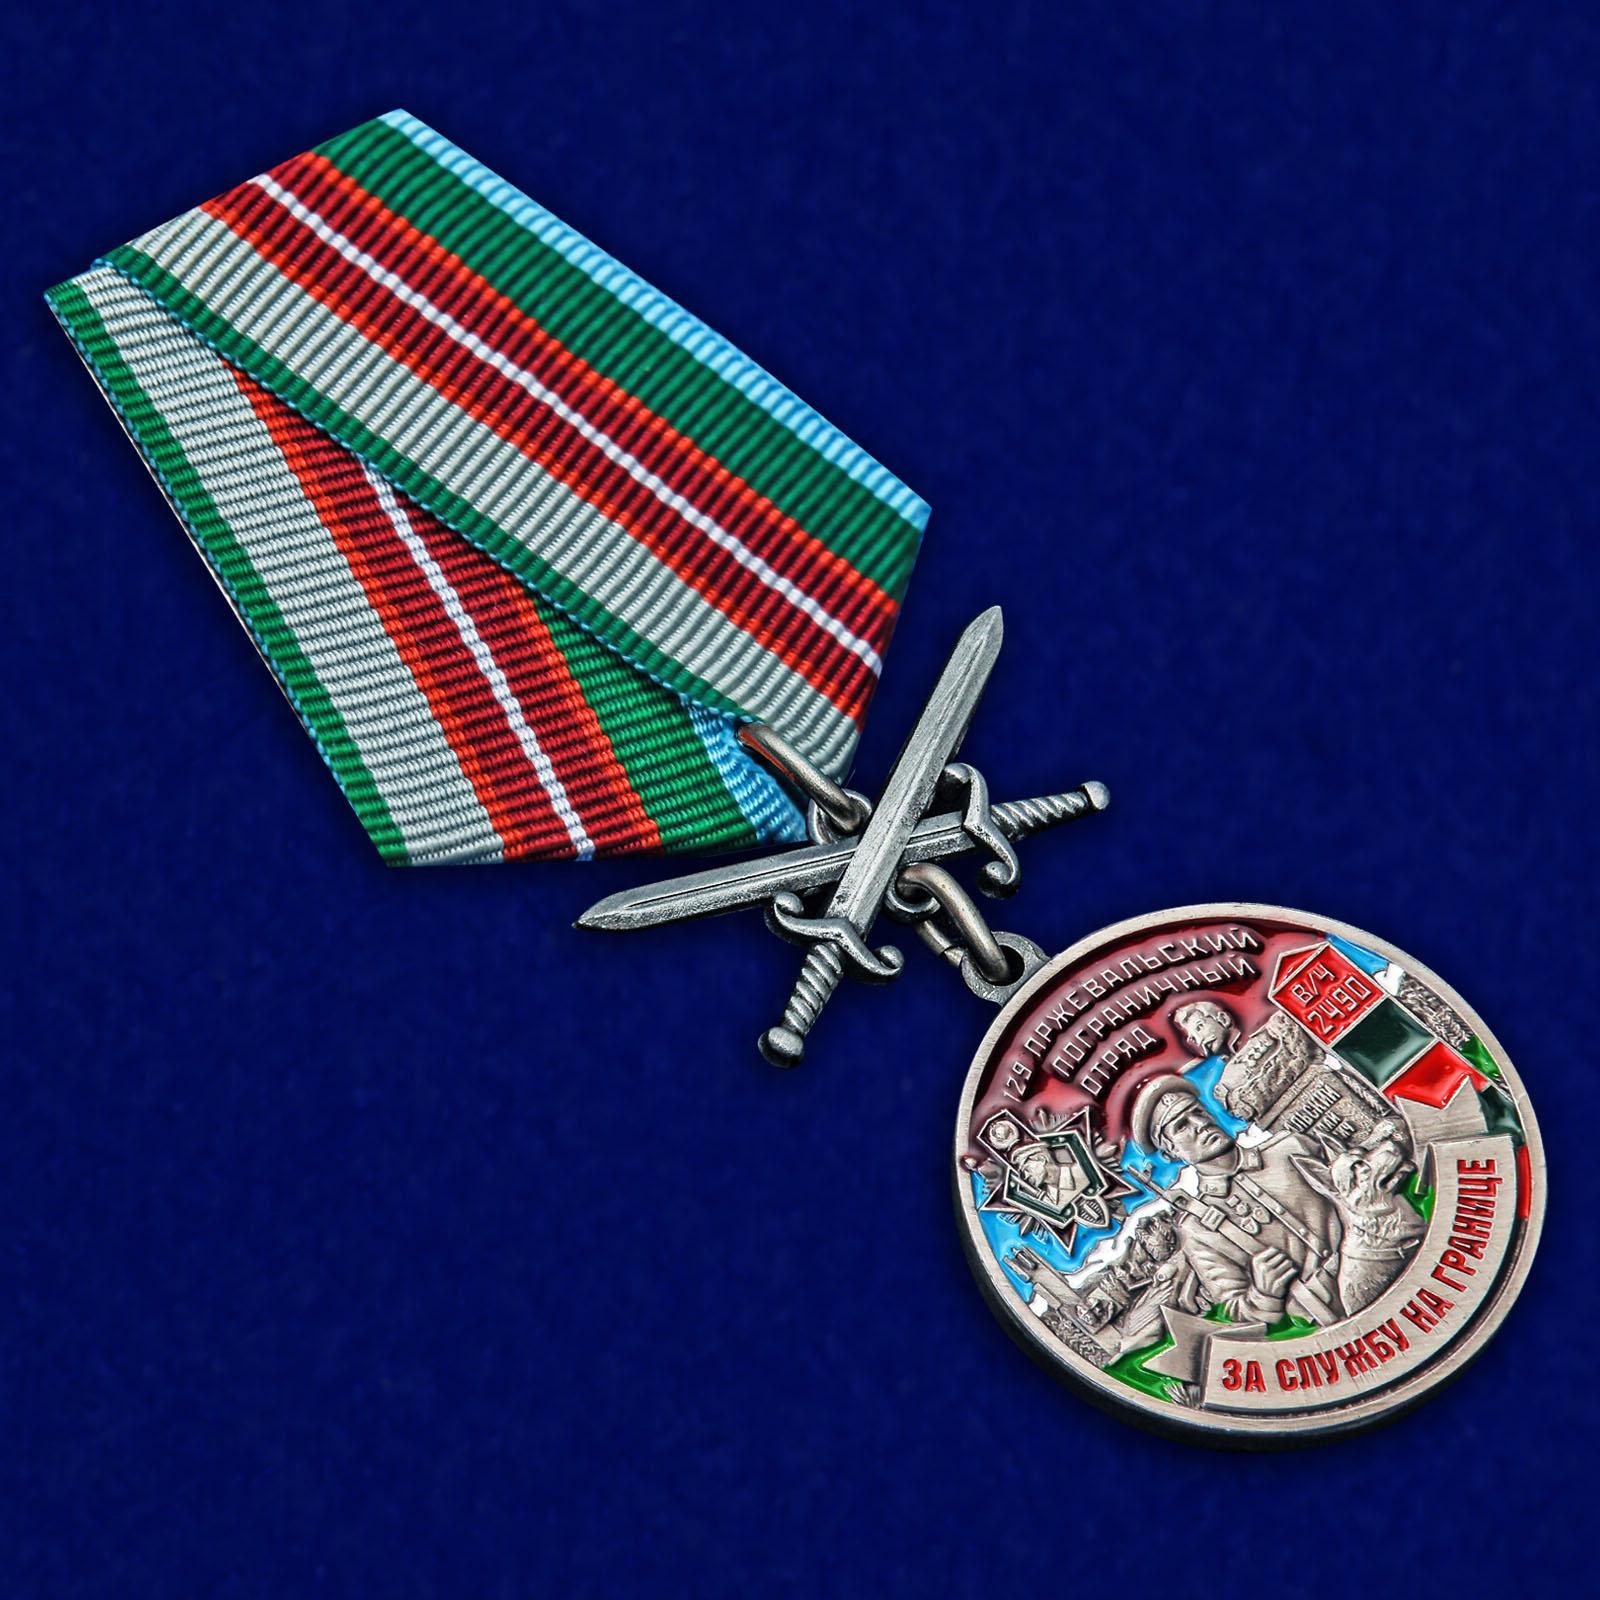 """Купить медаль """"За службу в Пржевальском пограничном отряде"""""""